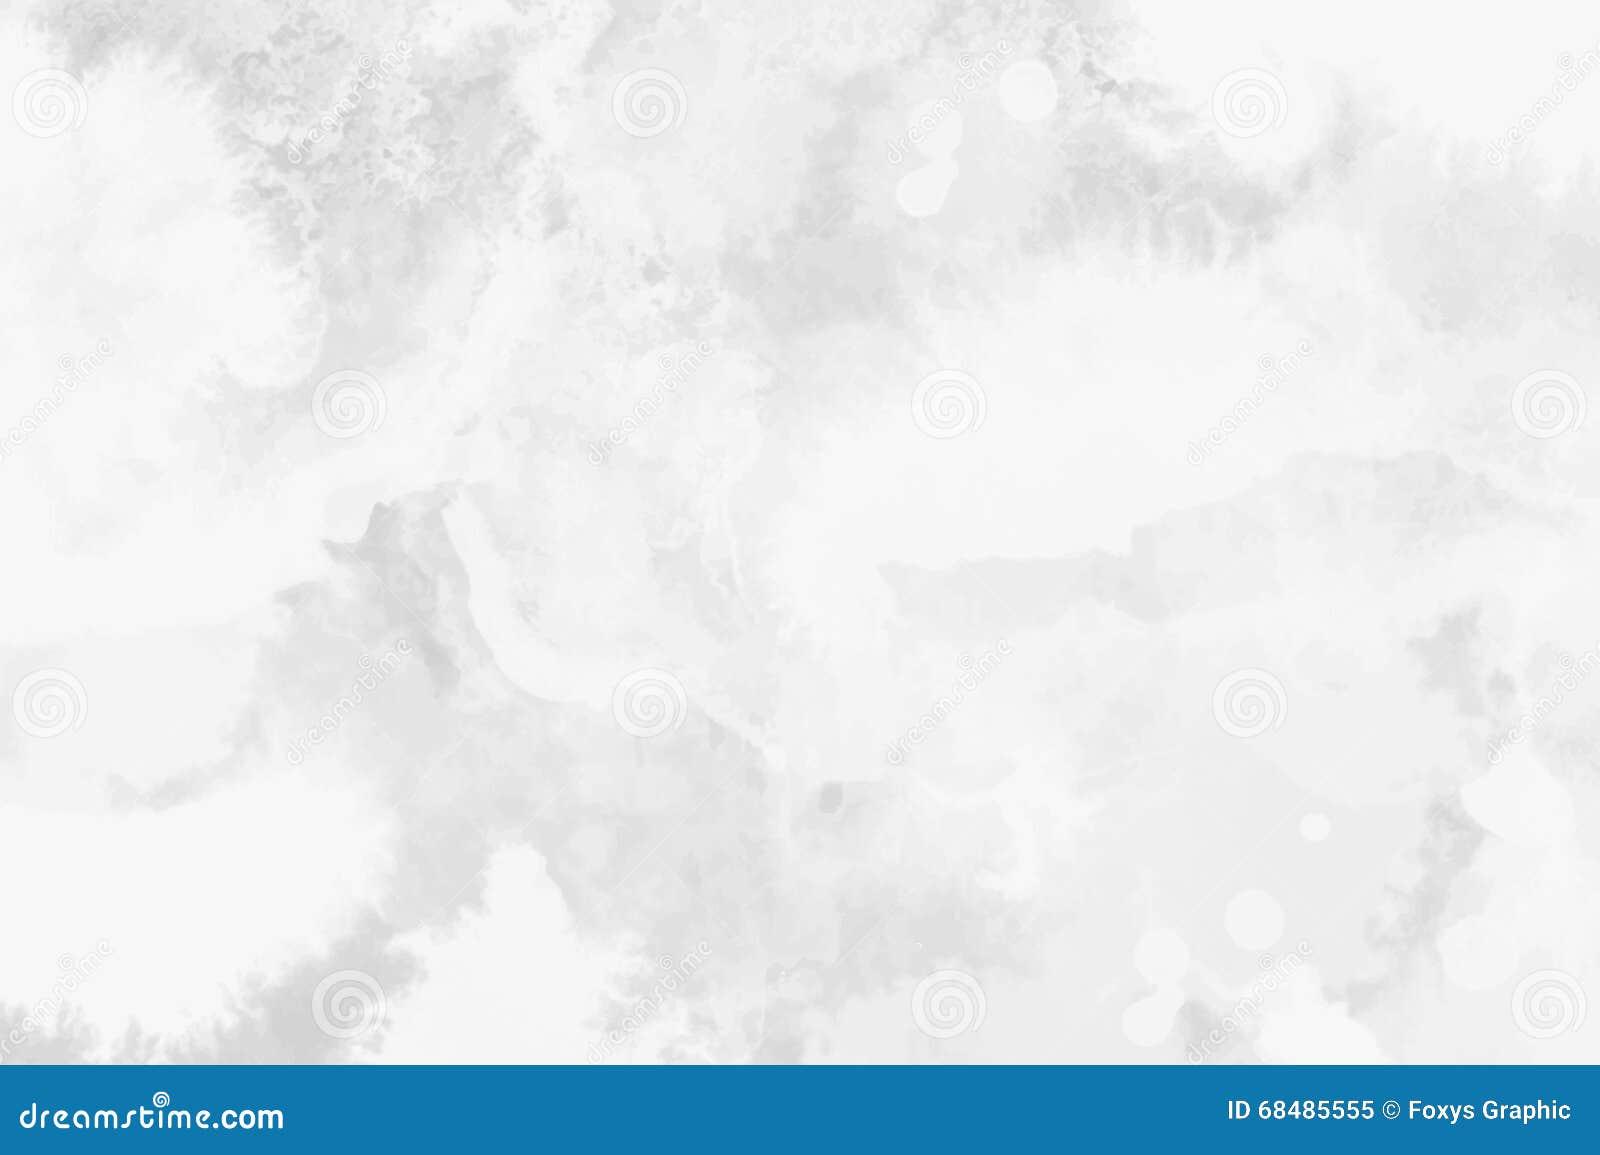 texture blanche et gris clair d 39 aquarelle fond. Black Bedroom Furniture Sets. Home Design Ideas